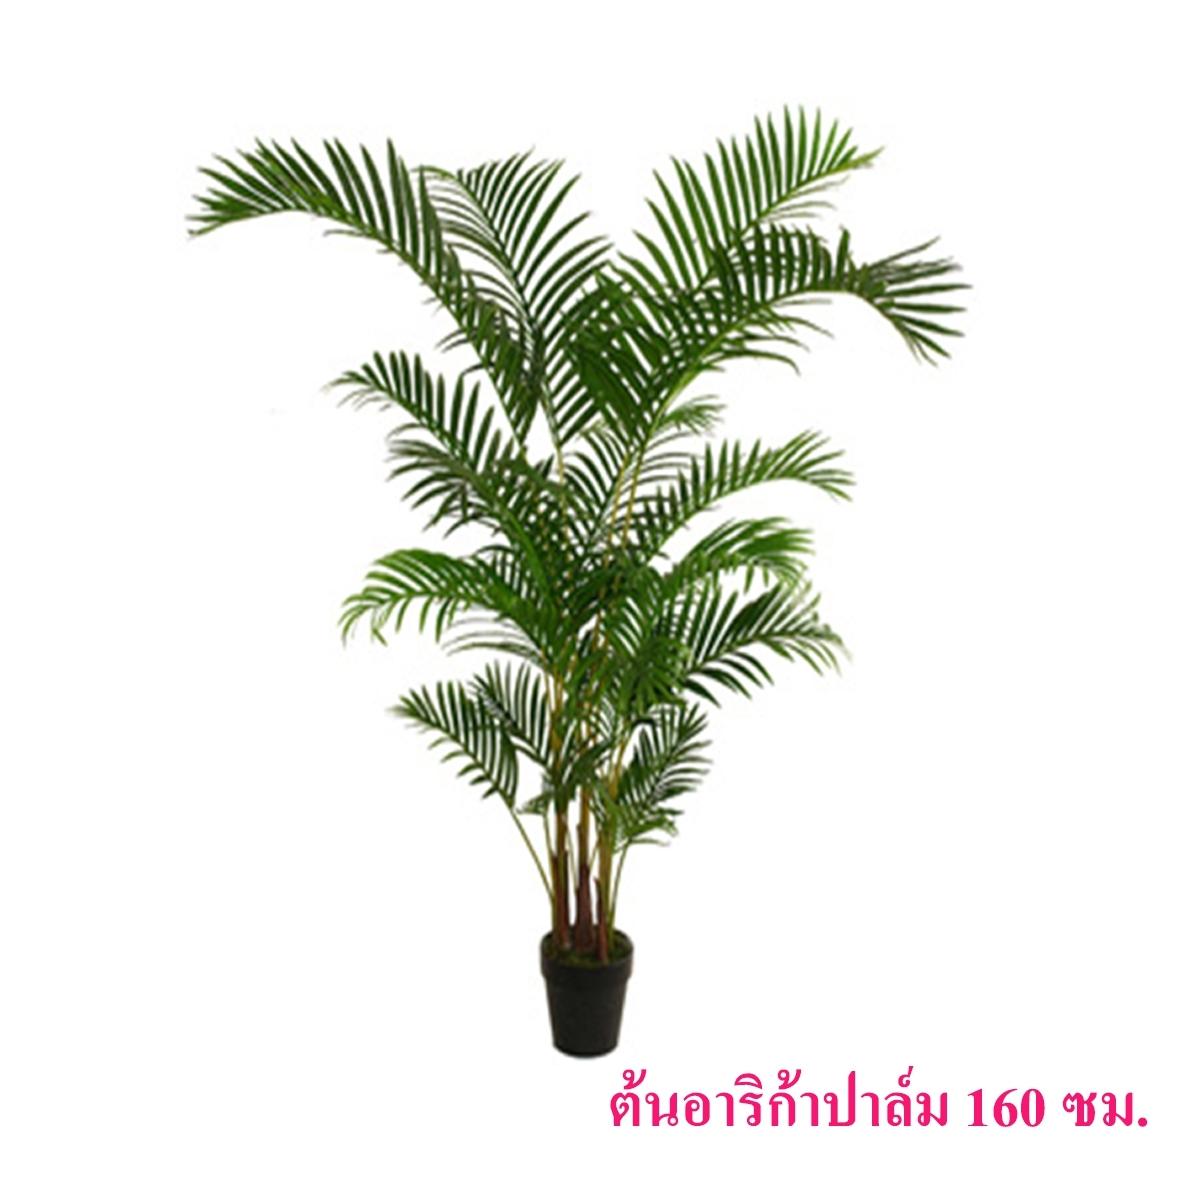 ต้นอาริก้าปาล์ม 160 ซม.